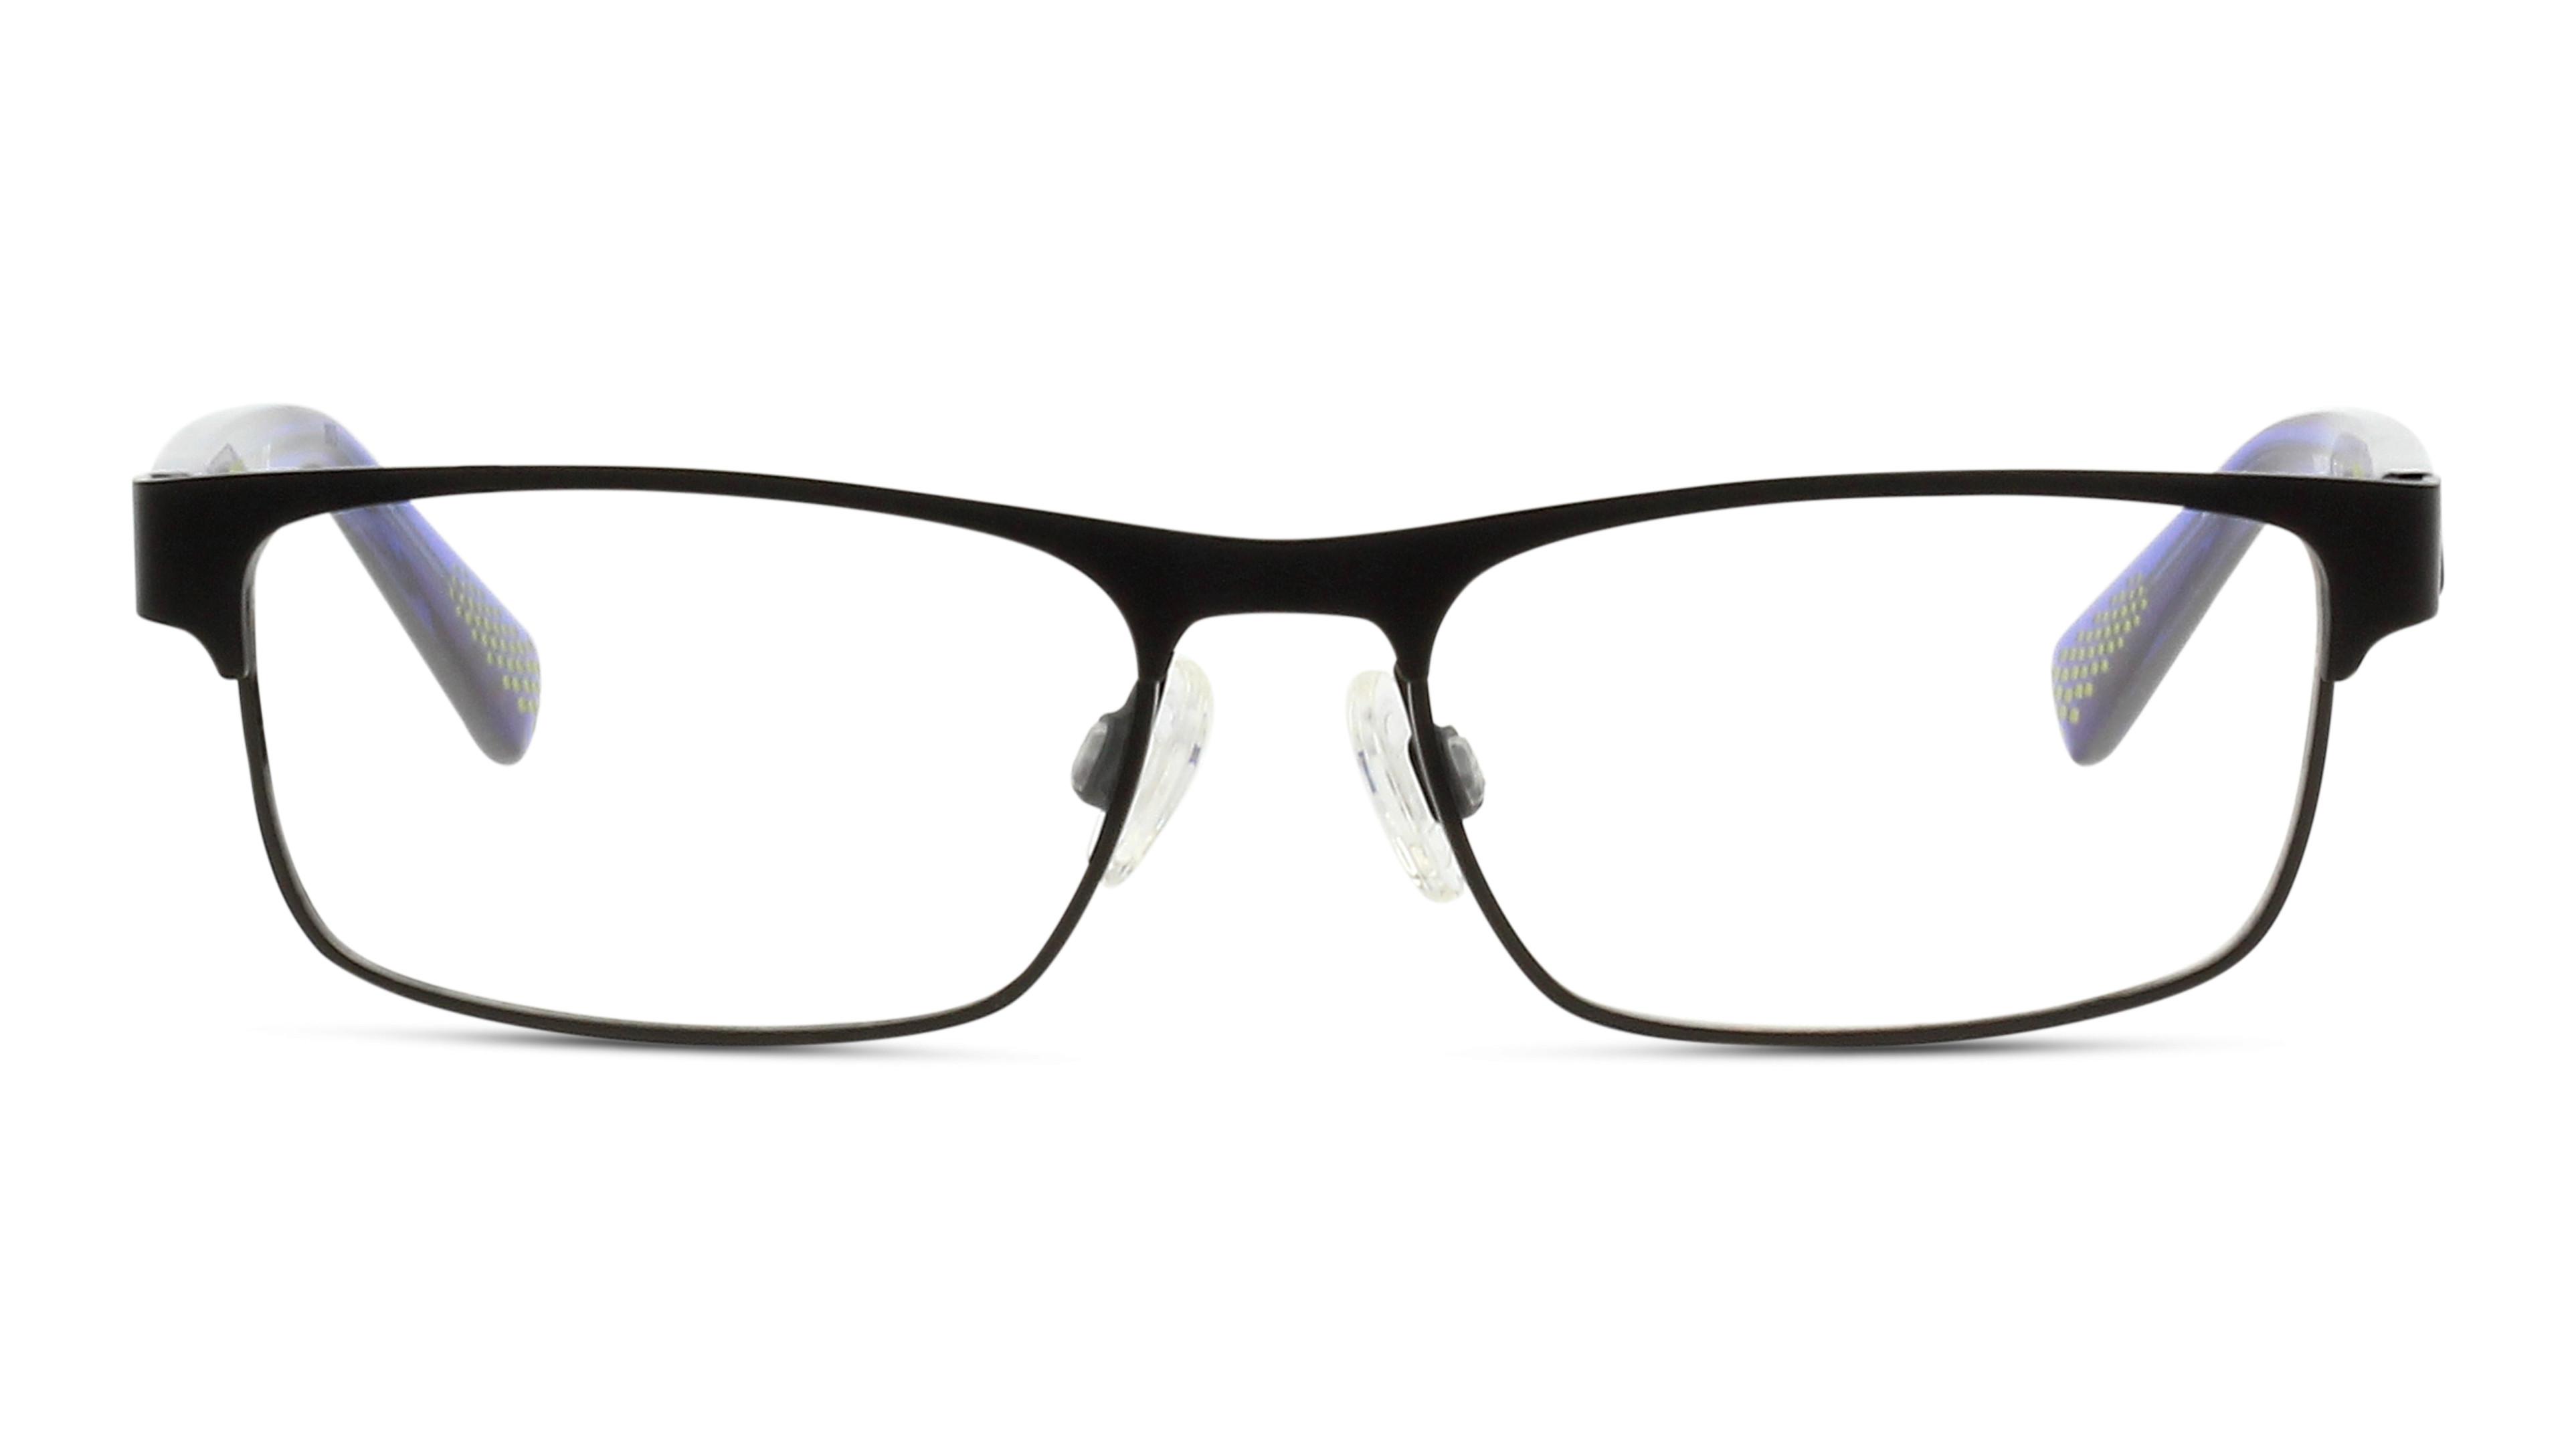 886895363730-front-01-nike-nike_5574-Eyewear-black-racer-blue